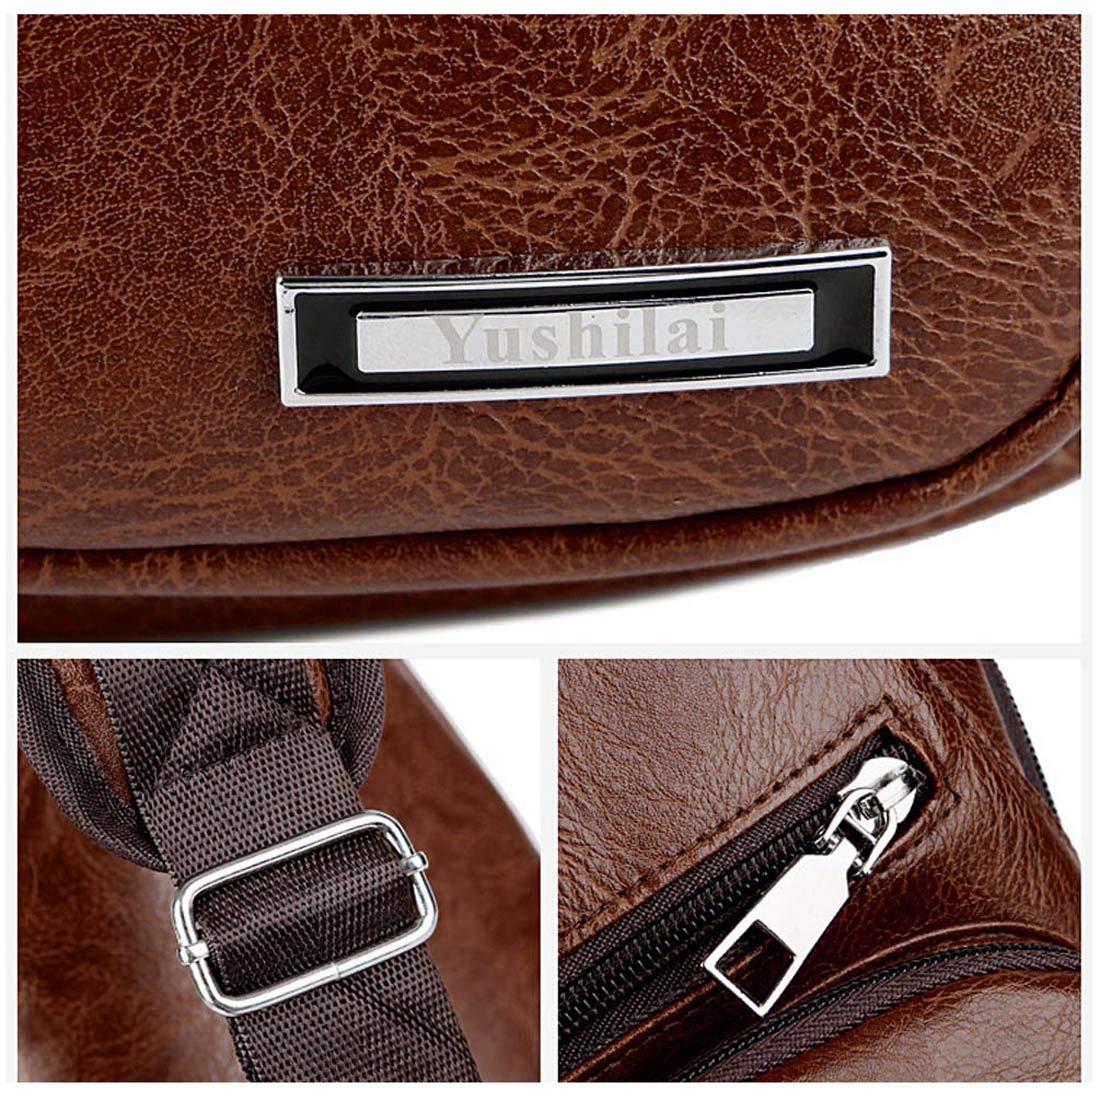 Sac /à Poitrine Grande Capacit/é Shoulder Mode Bag Chest Simple pour Homme Sac /à Dos Port/é Travers Loisirs Cuir PU Chargeur USB T/él/éphone Portable AIEOE Marron Fonc/é